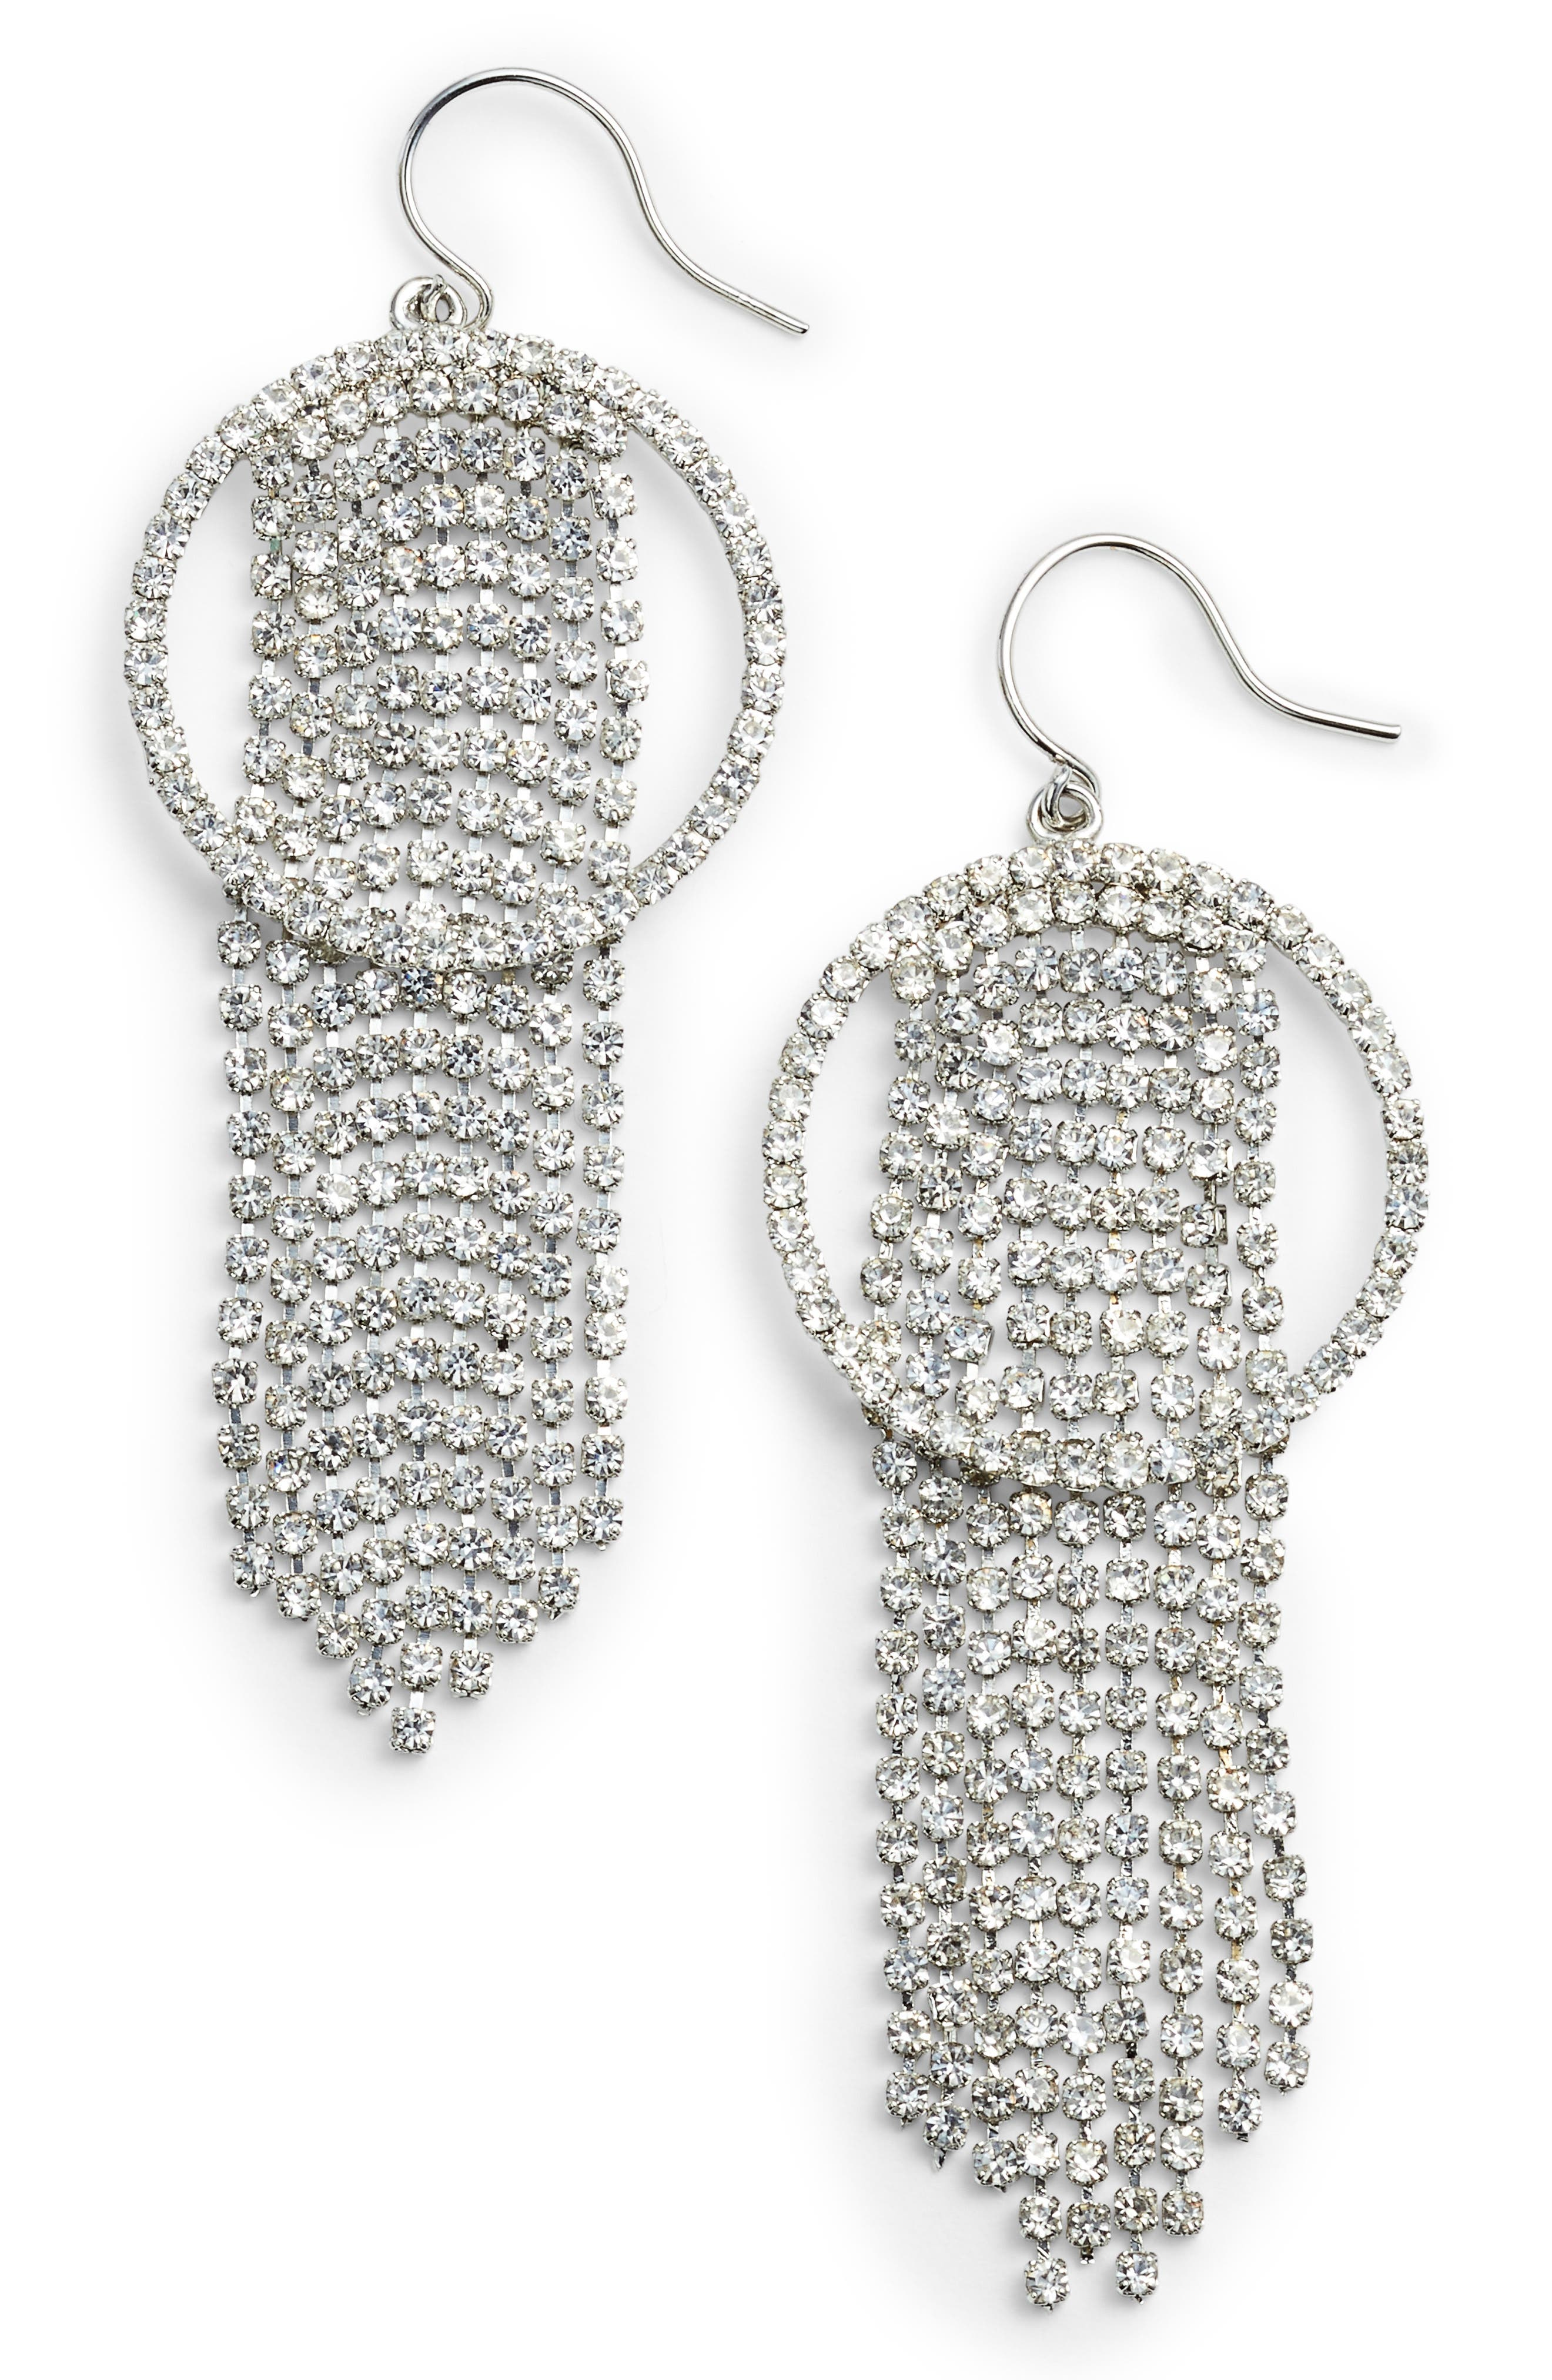 Alternate Image 1 Selected - CRISTABELLE Frontal Hoop Crystal Fringe Drop Earrings